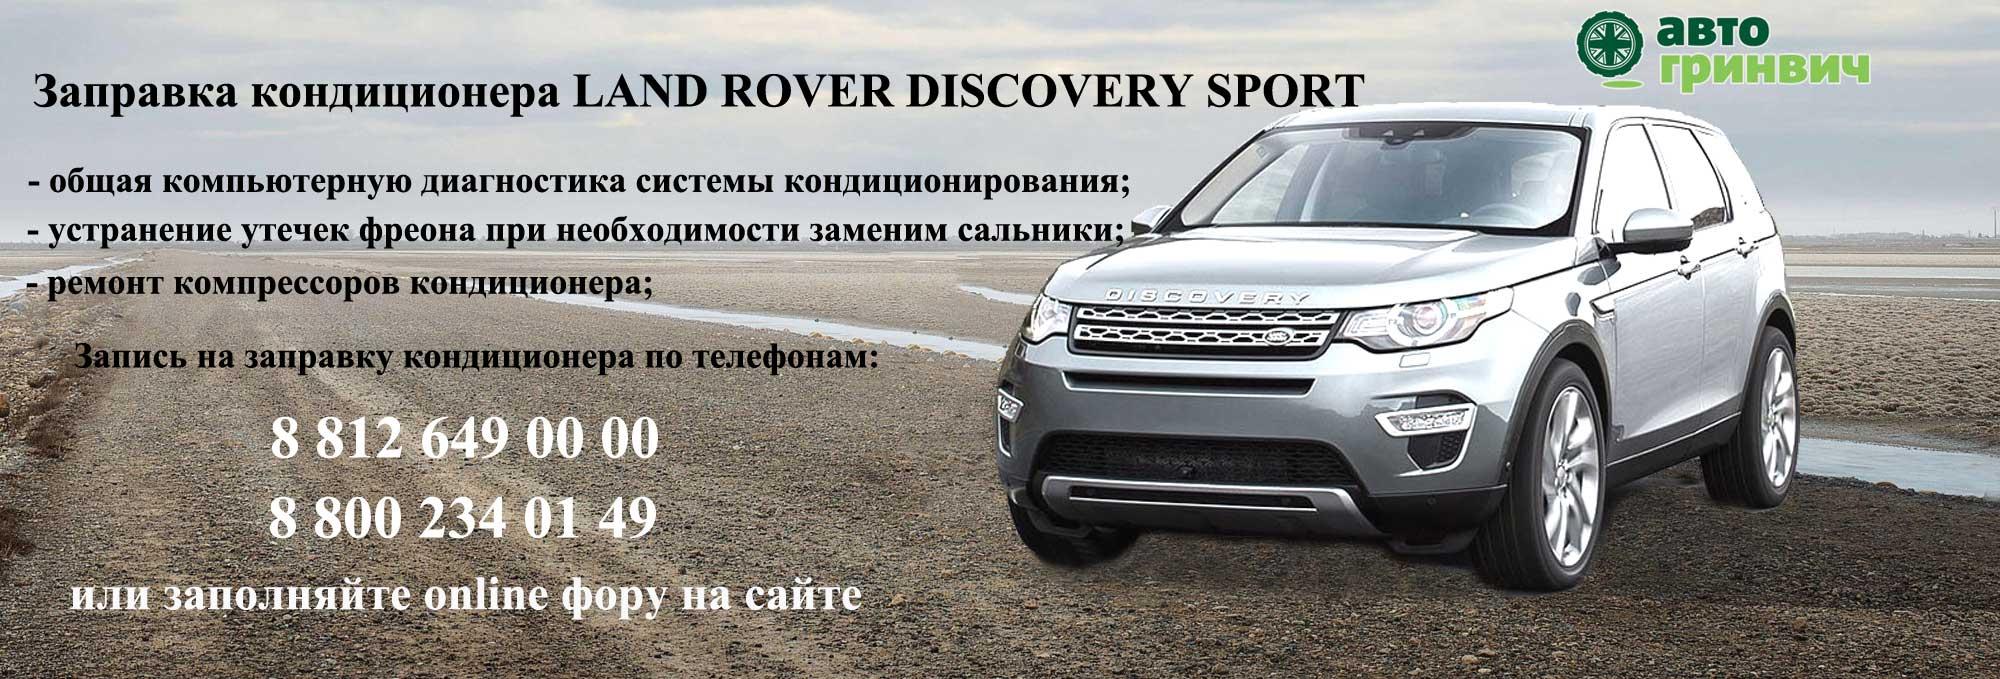 Заправка кондиционера Discovery Sport